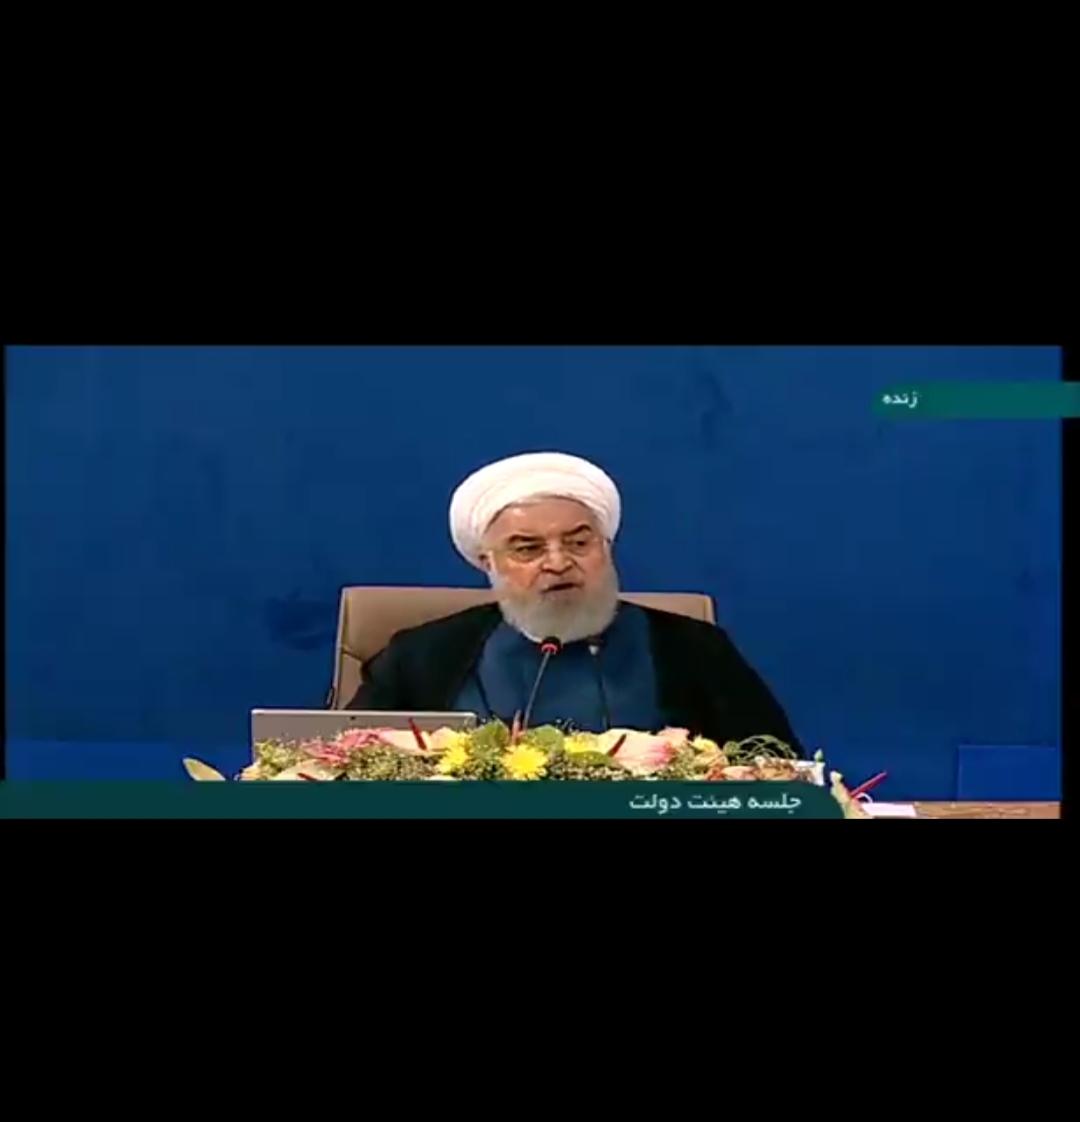 روحانی: ۳۰ درصد دوم سهام عدالت عید غدیر و ۳۰ درصد دیگر ۲۲ بهمن آزاد خواهد شد.